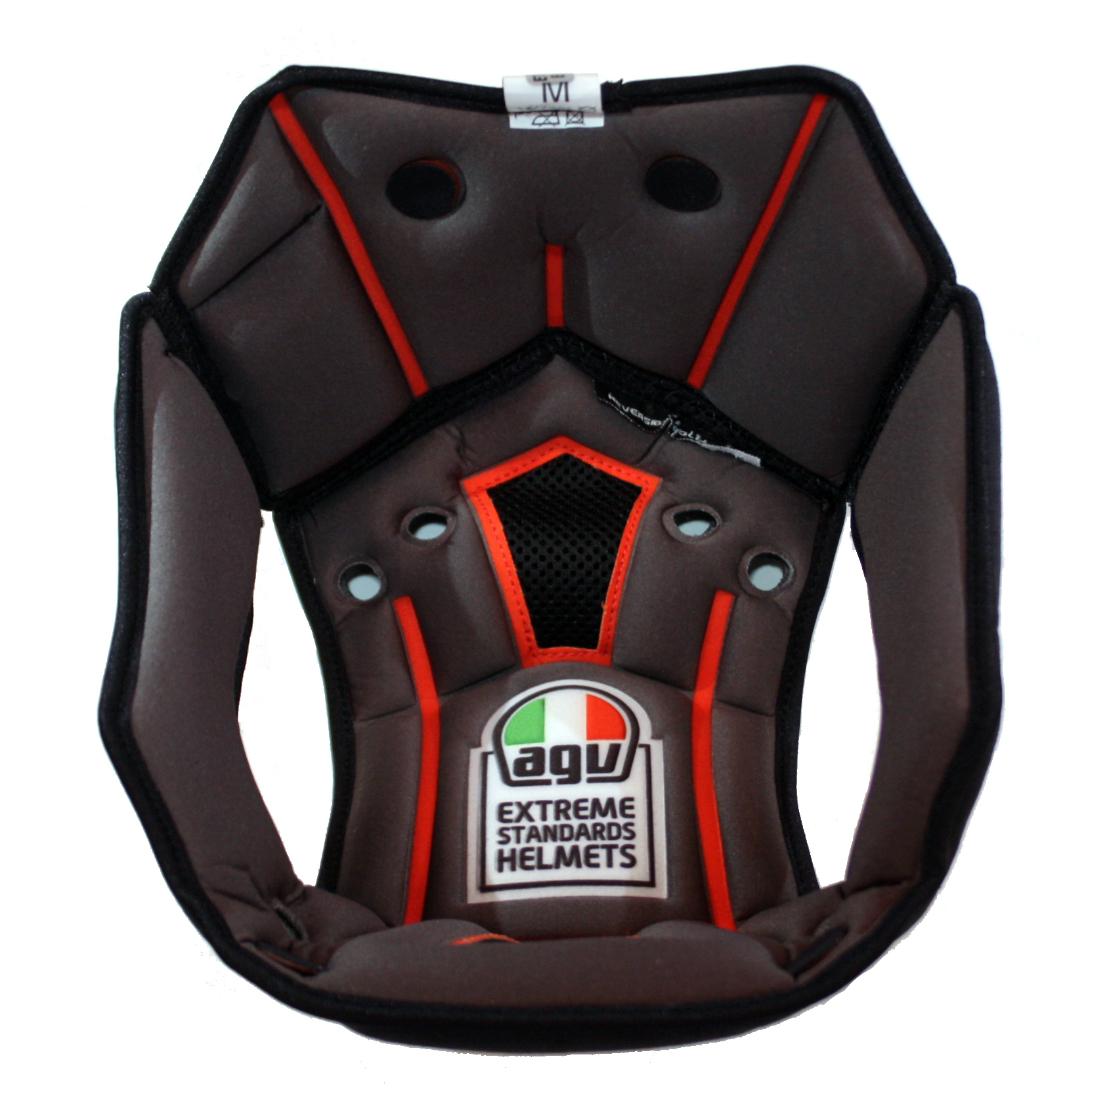 AGV 今季も再入荷 エージーブイ ヘルメットパーツ 内装 CORSA R用 コルサ 店 TOP ASIA KIT6023700107 R FIT ブラック Mサイズ トップパッド PAD